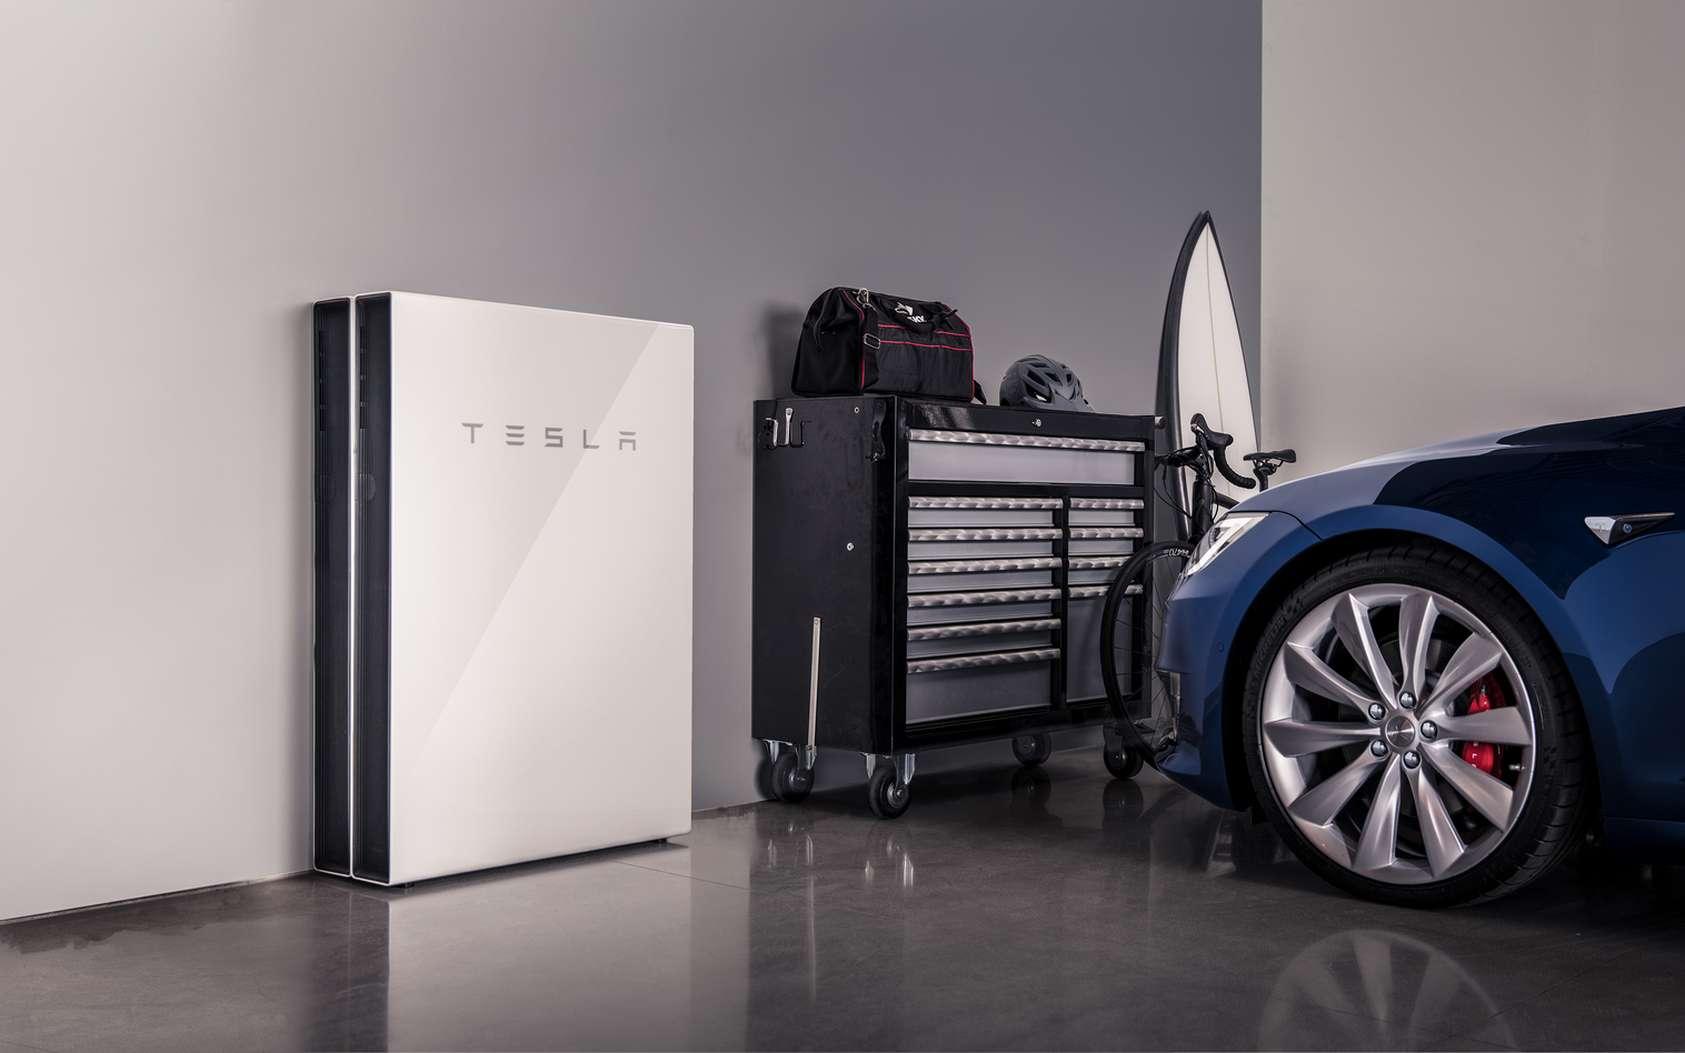 La production et le stockage d'énergie renouvelable pour les particuliers et les professionnels font partie de la stratégie de Tesla. © Tesla